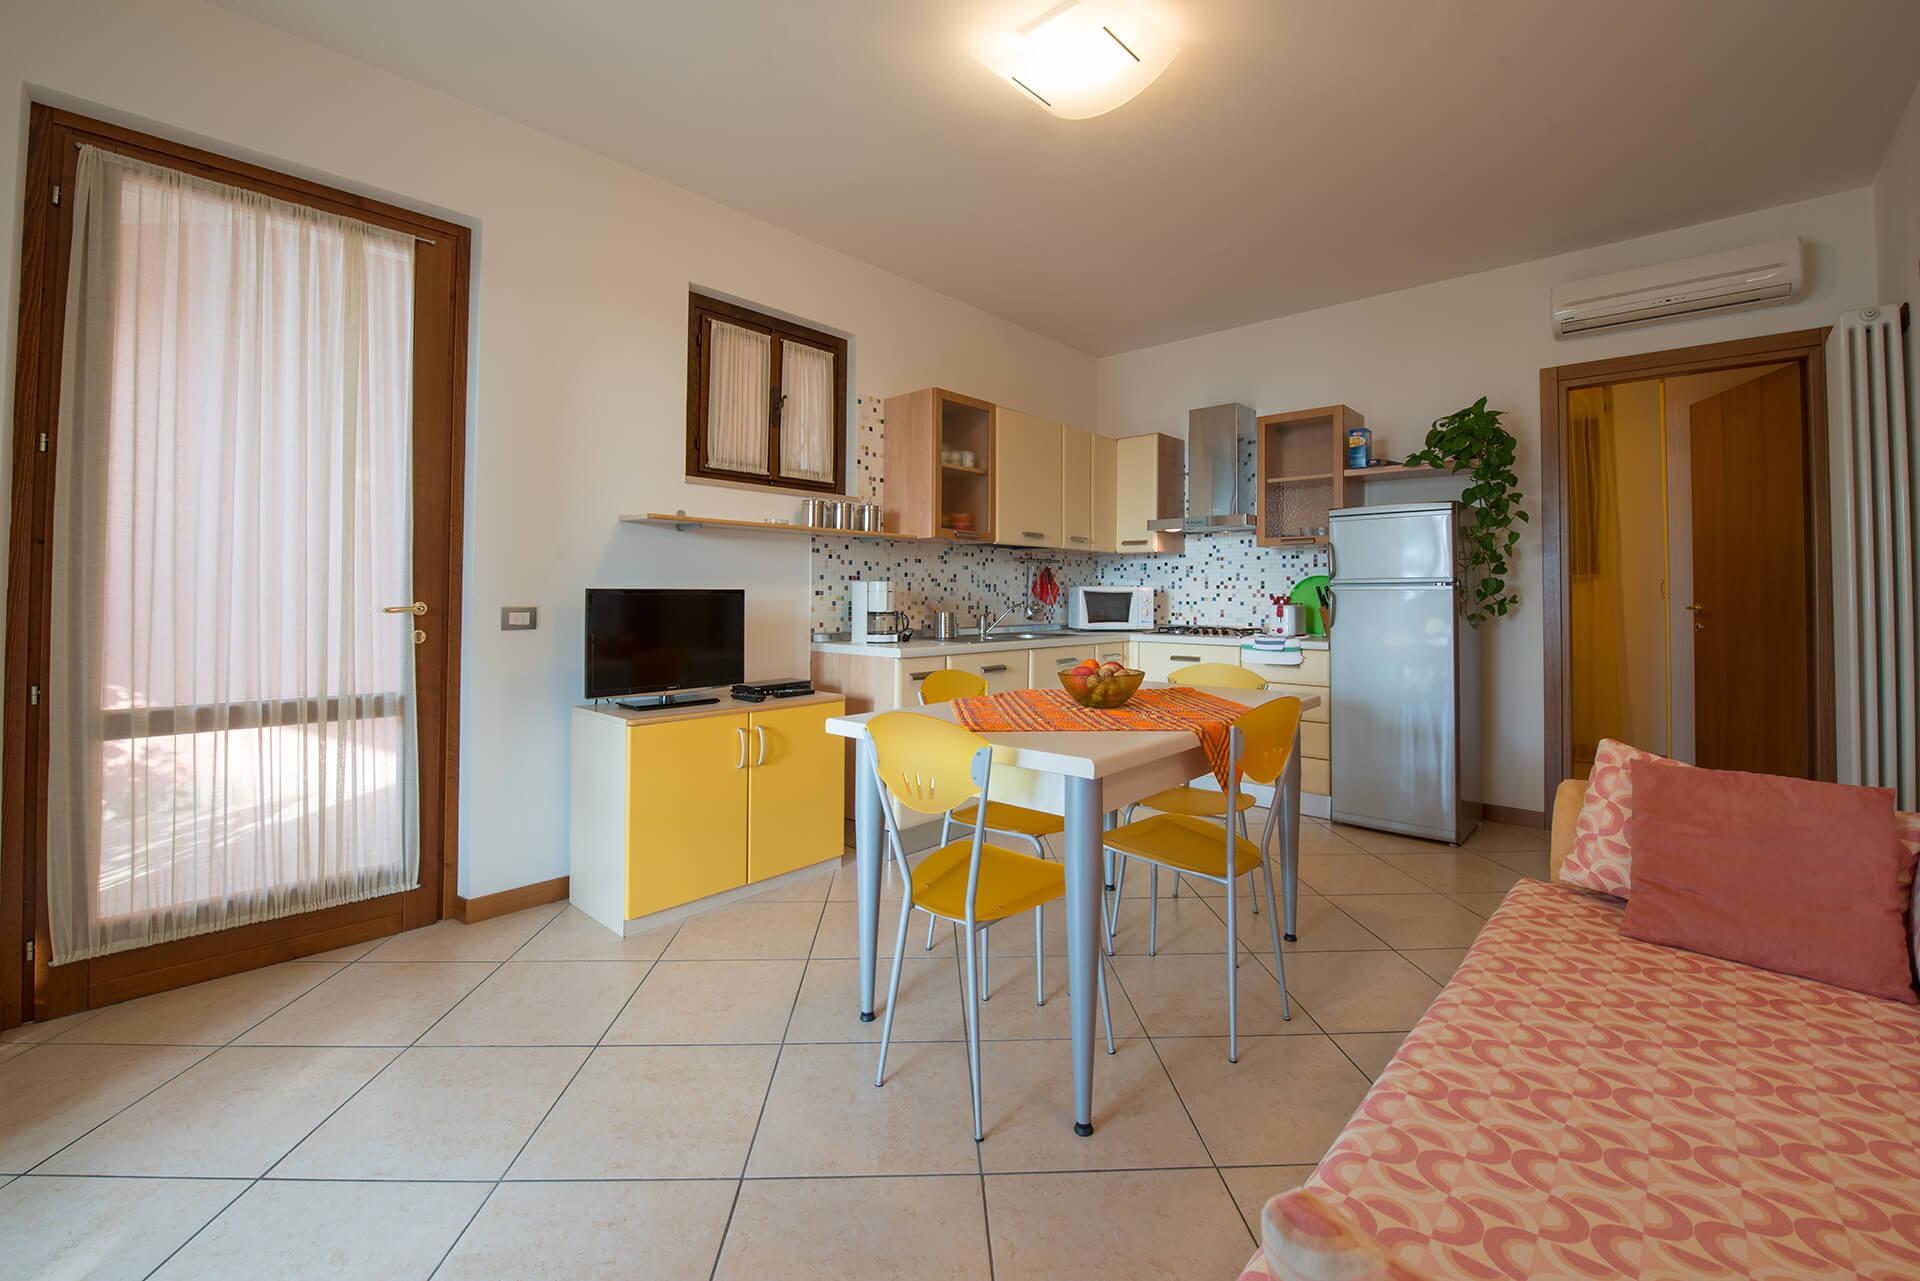 appartamento-b-canevini-sala-2